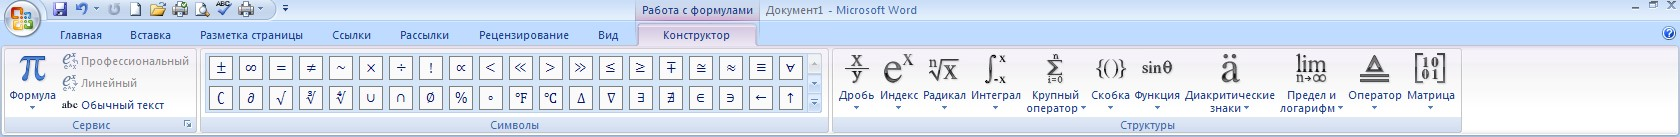 Панель инструментов конструктора формул